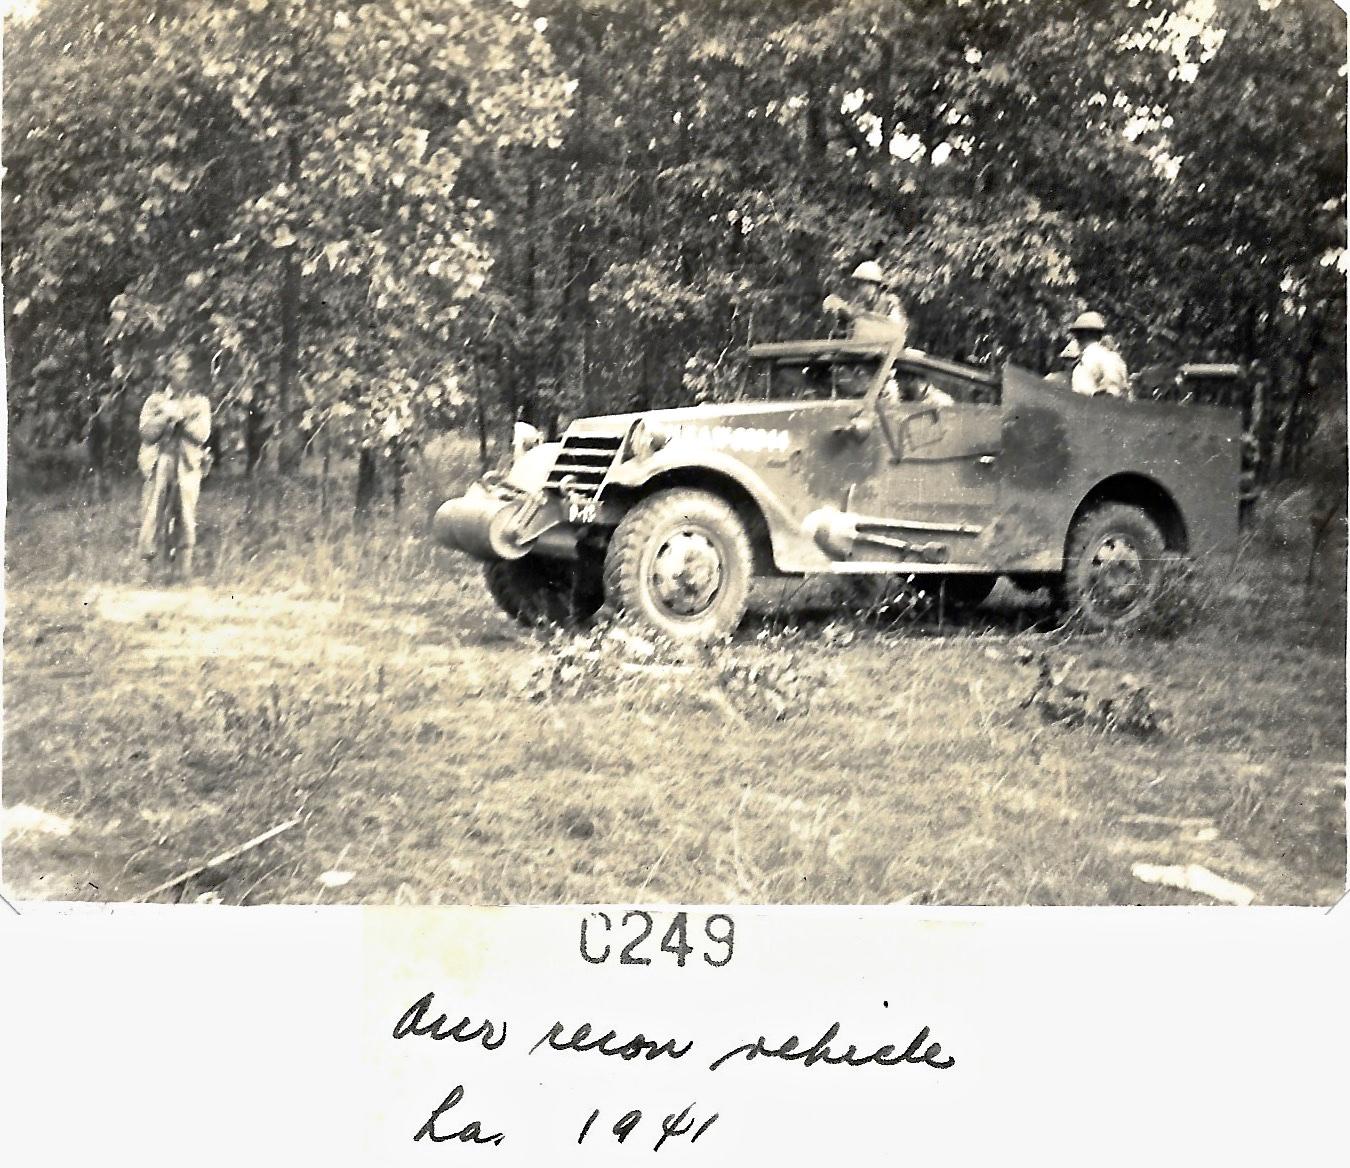 1941 Louisiana Maneuvers, Recon vehicle